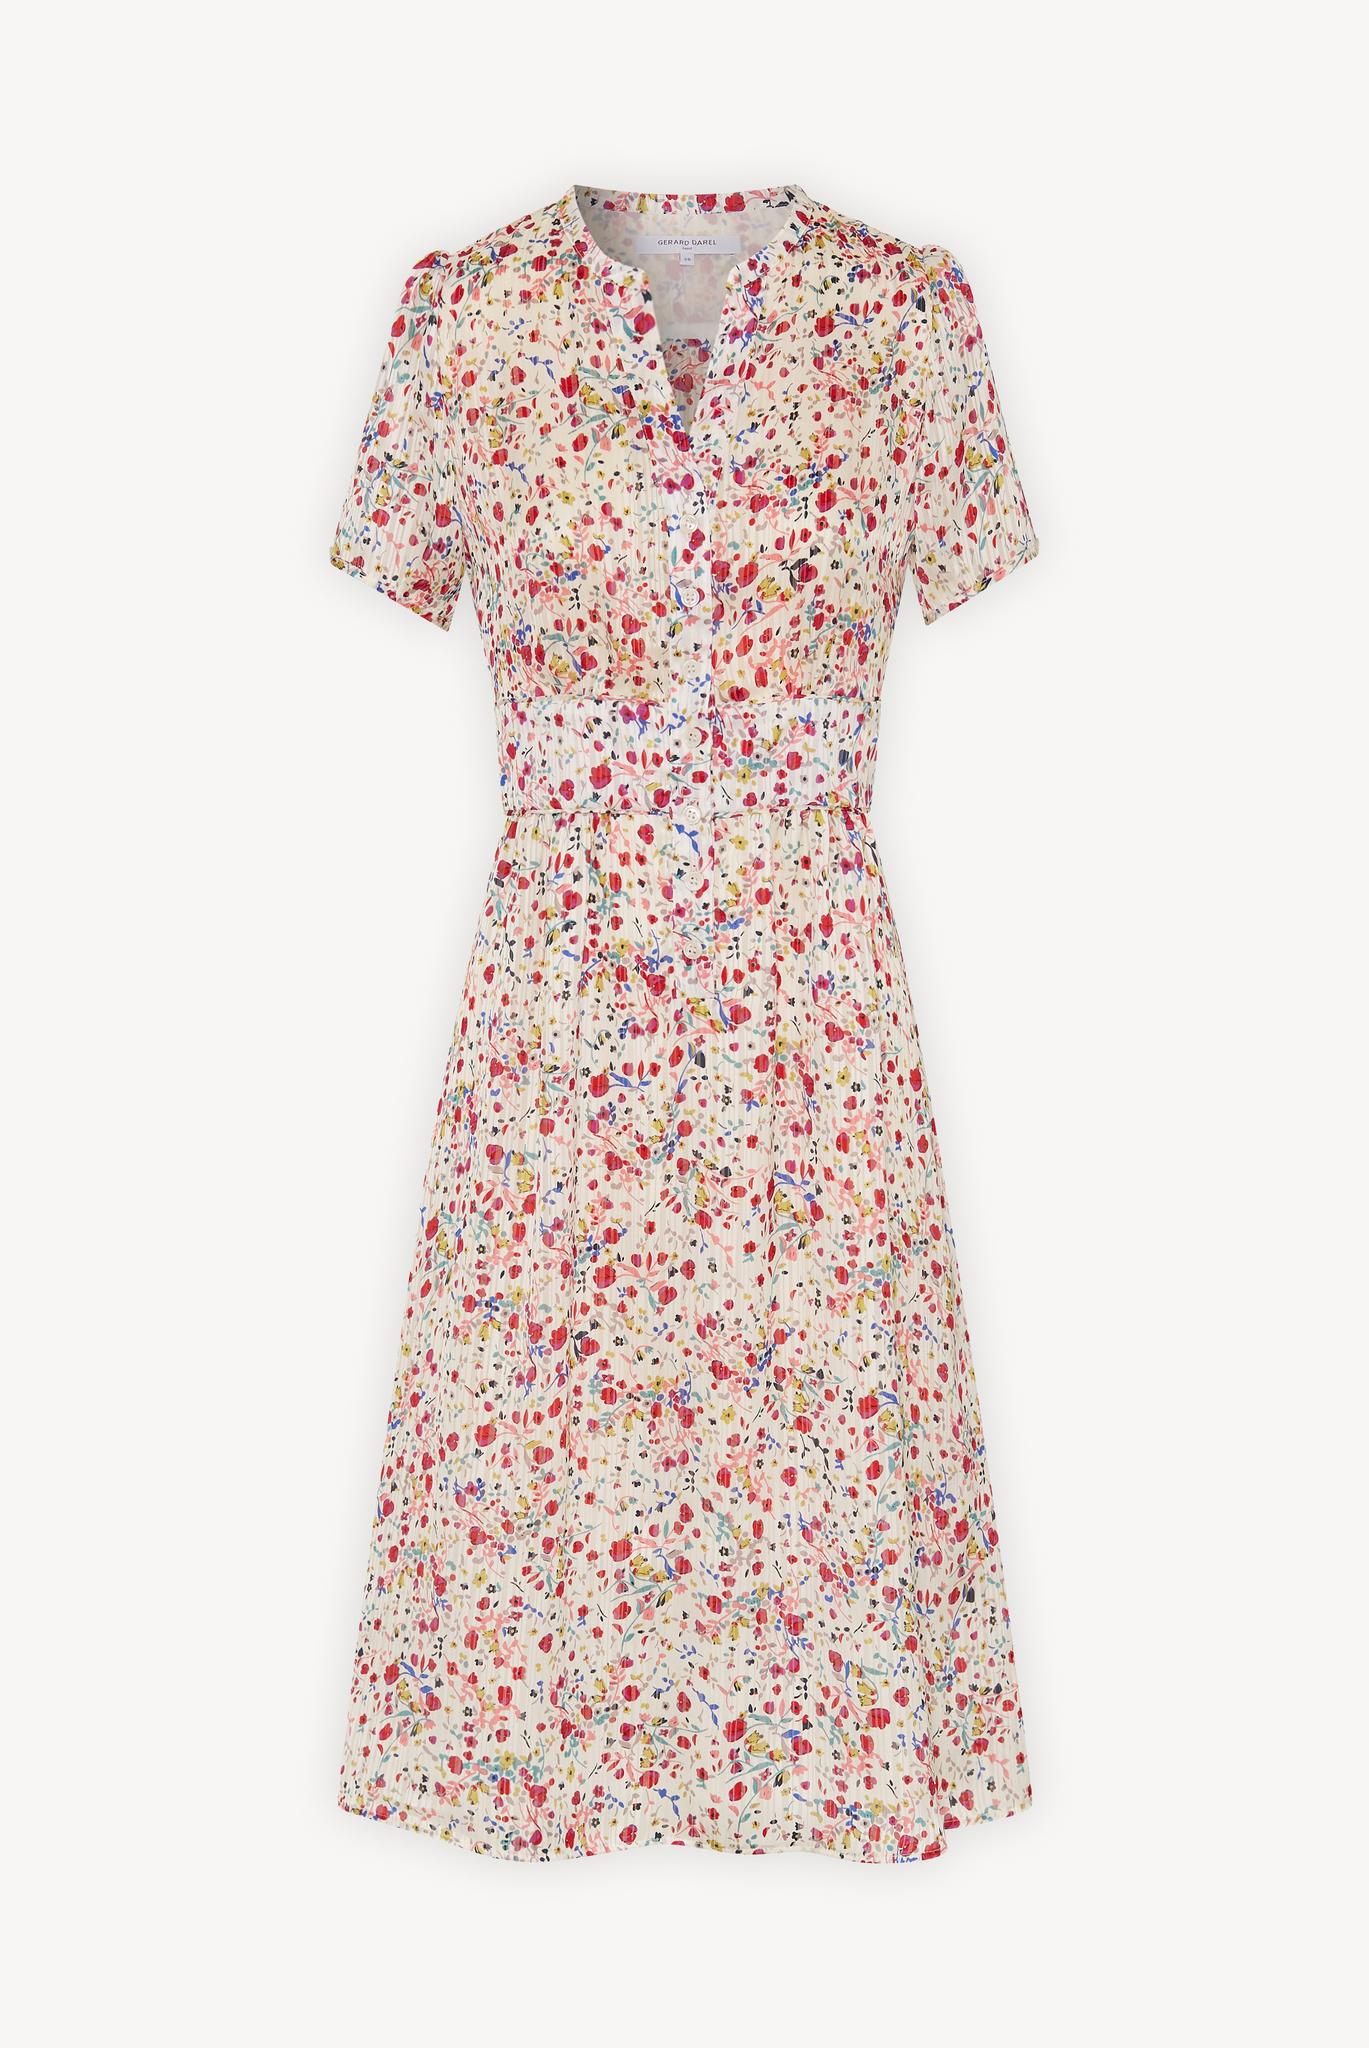 STACEY - Короткое платье с цветочным принтом